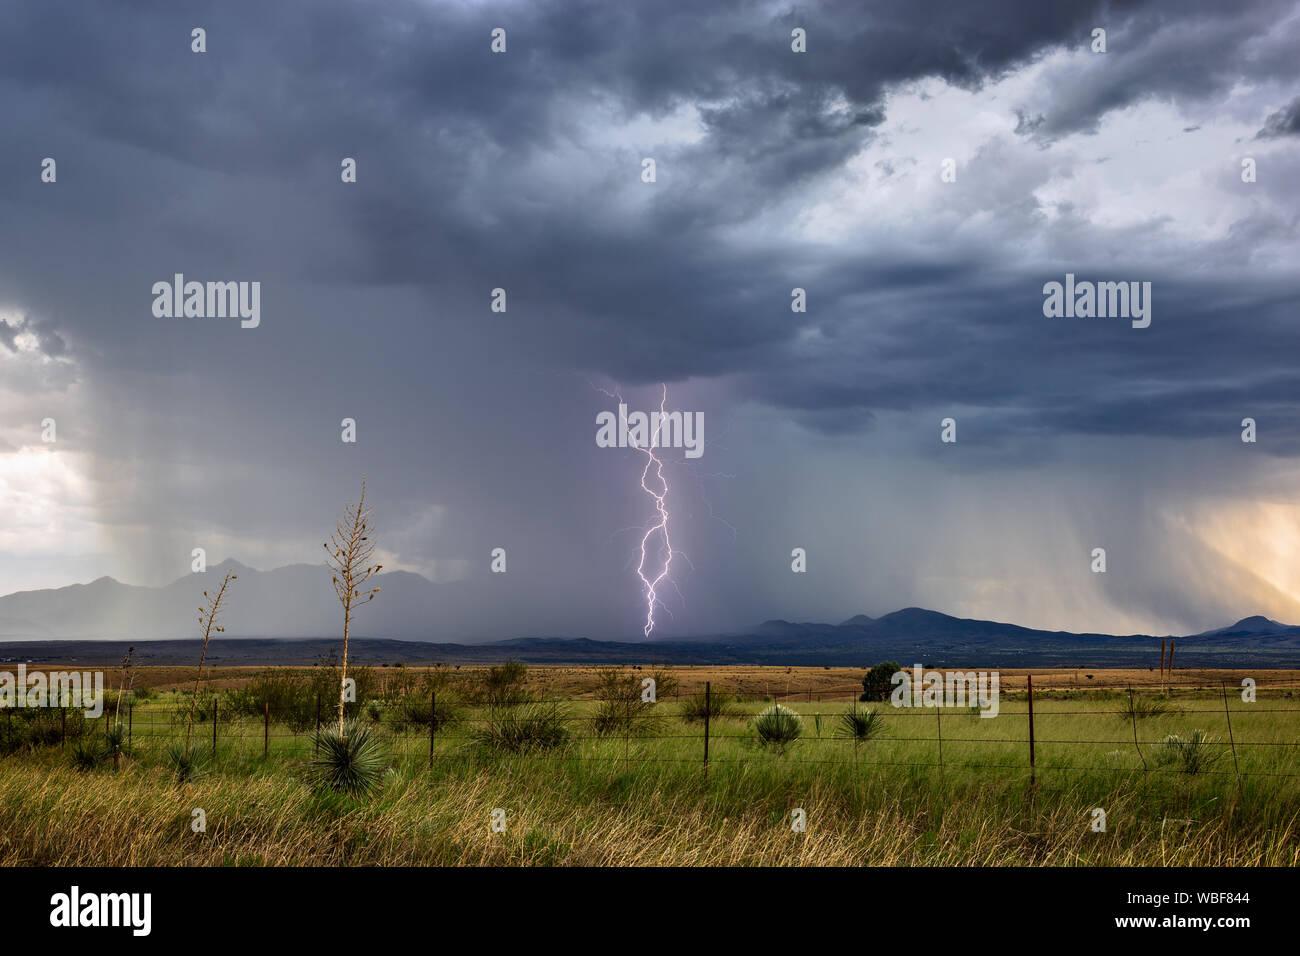 Les éclairs d'un orage de mousson grève près de Sonoita, Arizona. Banque D'Images